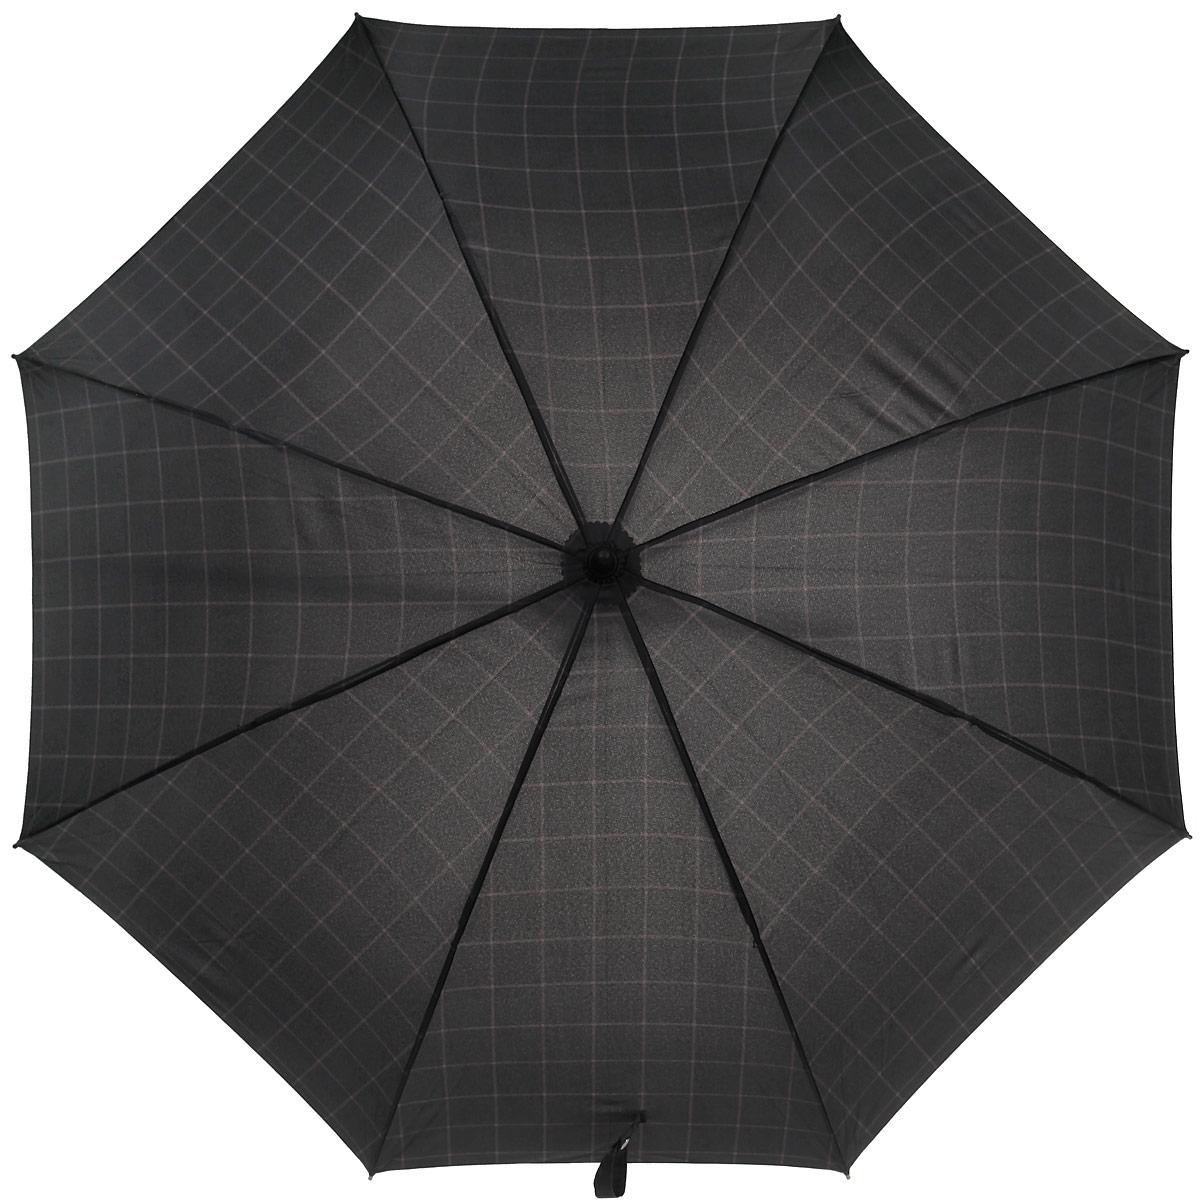 Зонт-трость мужской Eleganzza, полуавтомат, цвет: черный. T-03-F1574T-03-F1574Классический мужской зонт-трость Eleganzza выполнен в черном цвете и дополнен клетчатым принтом. Каркас зонта изготовлен из карбона и фибергласса, содержит восемь спиц, а также дополнен эргономичной рукояткой из пластика, которая дополнена искусственной кожей. Купол выполнен из полиэстера с водоотталкивающей пропиткой. Зонт имеет полуавтоматический механизм сложения: купол открывается нажатием кнопки на рукоятке, стержень и купол складываются вручную до характерного щелчка, благодаря чему открыть зонт можно одной рукой, что чрезвычайно удобно при выходе из транспорта или помещения. К зонту прилагается чехол.